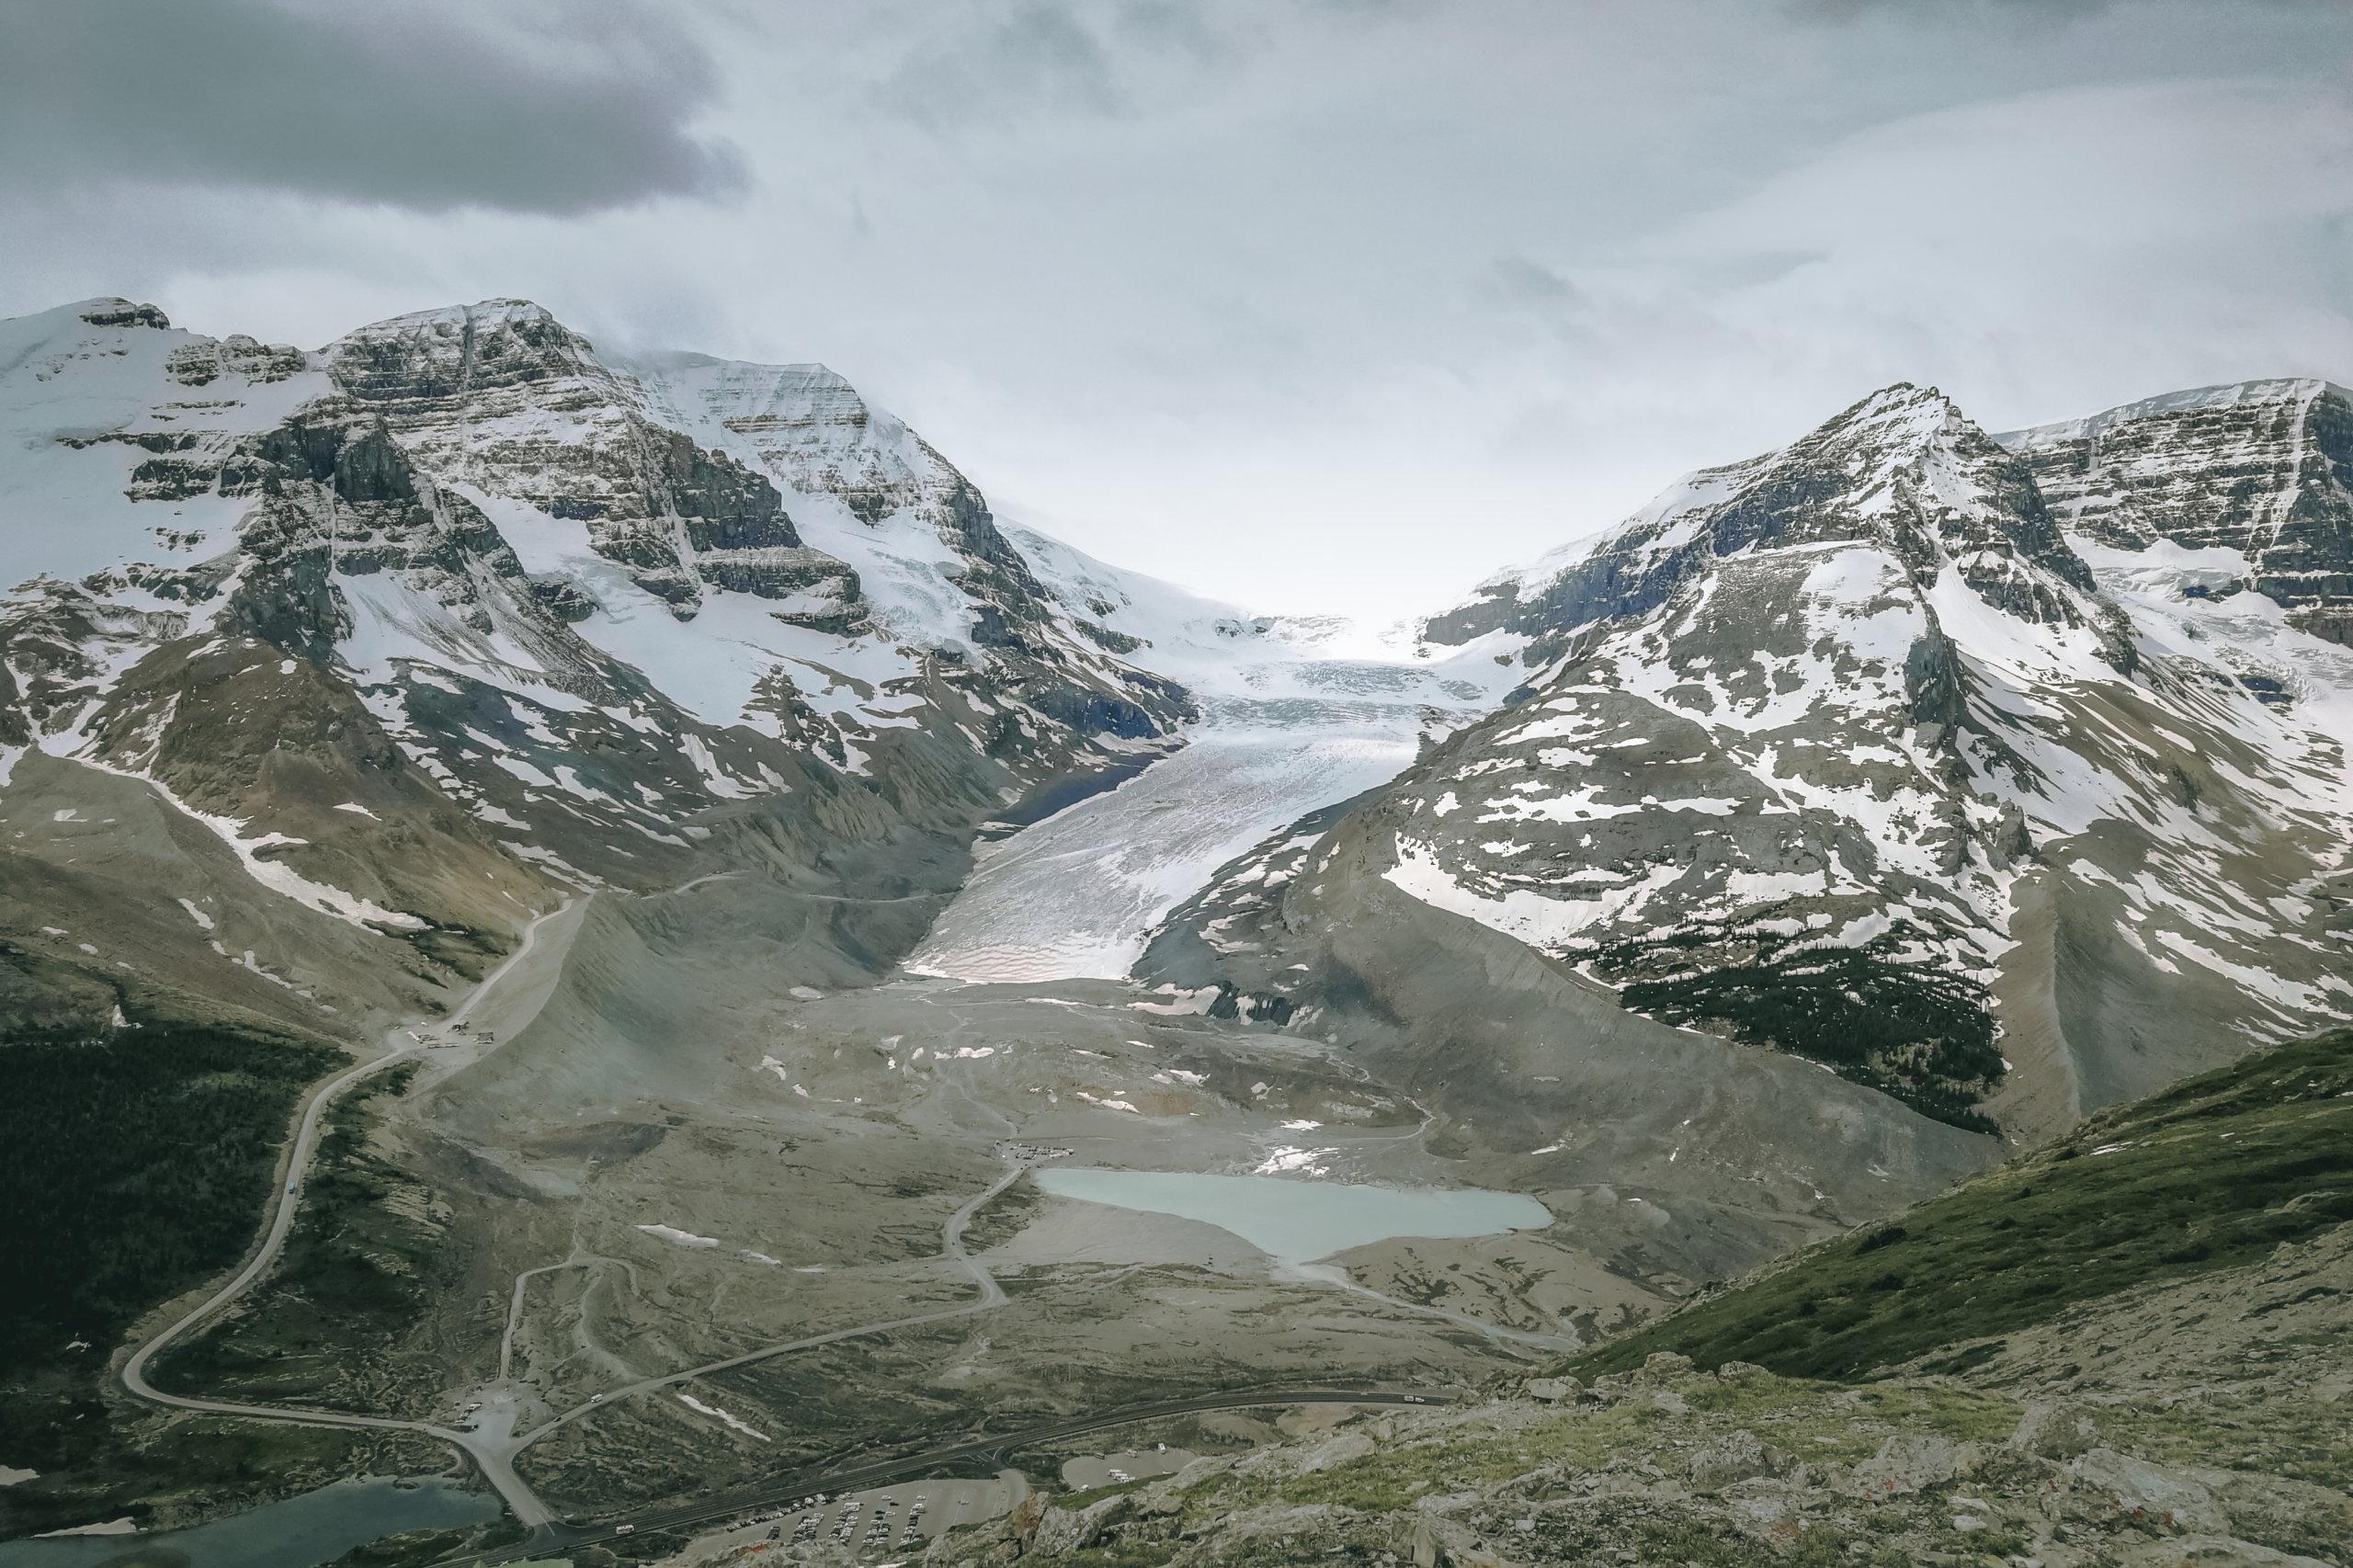 Aussicht auf den Athabasca Glacier